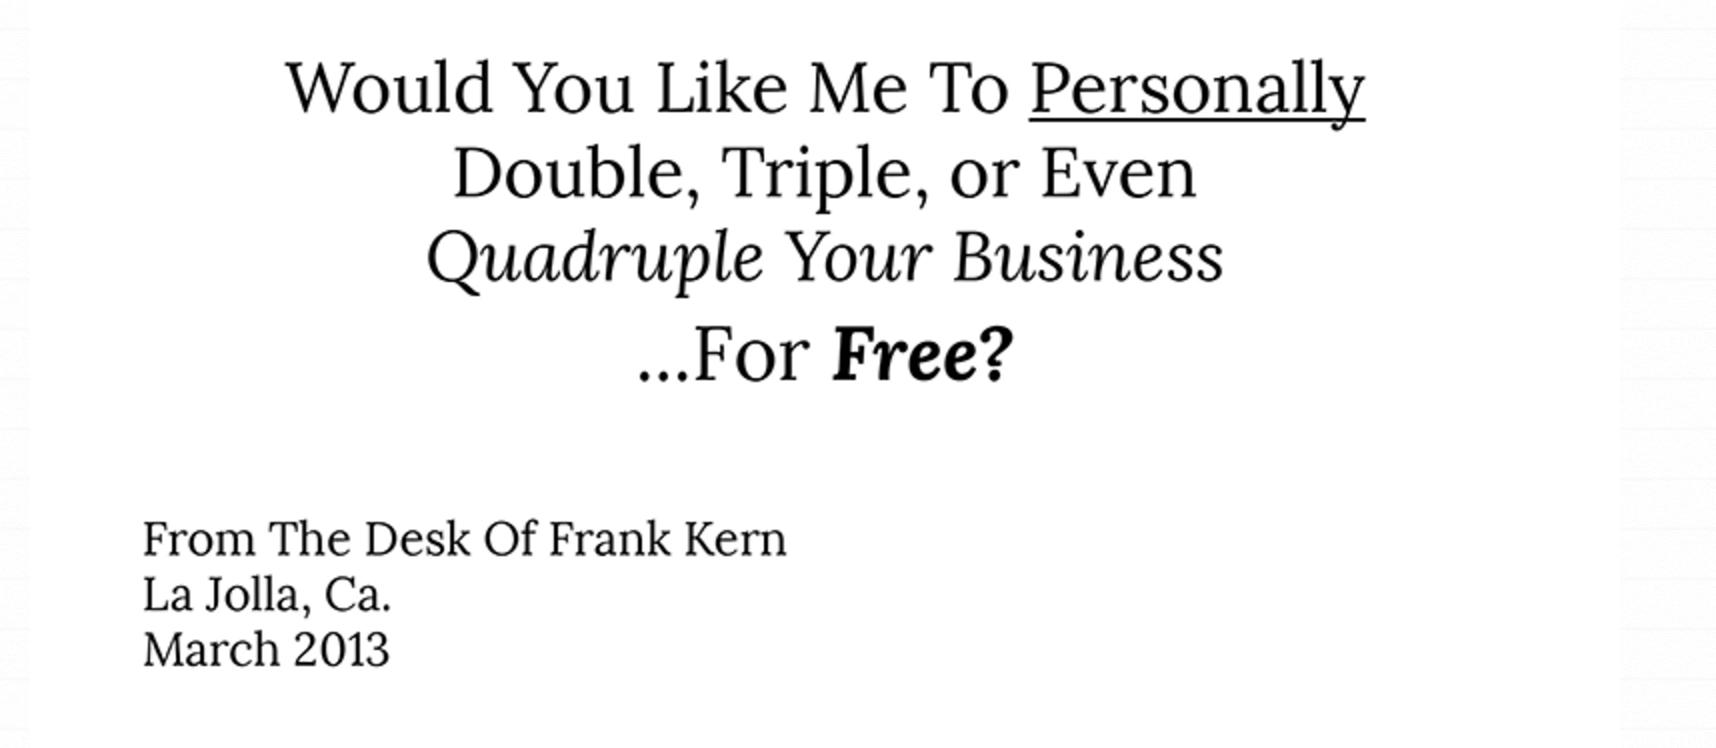 Las cinco cartas de ventas que todo profesional de marketing debe saber, sin lugar a dudas - 1630962326 835 Las cinco cartas de ventas que todo profesional de marketing